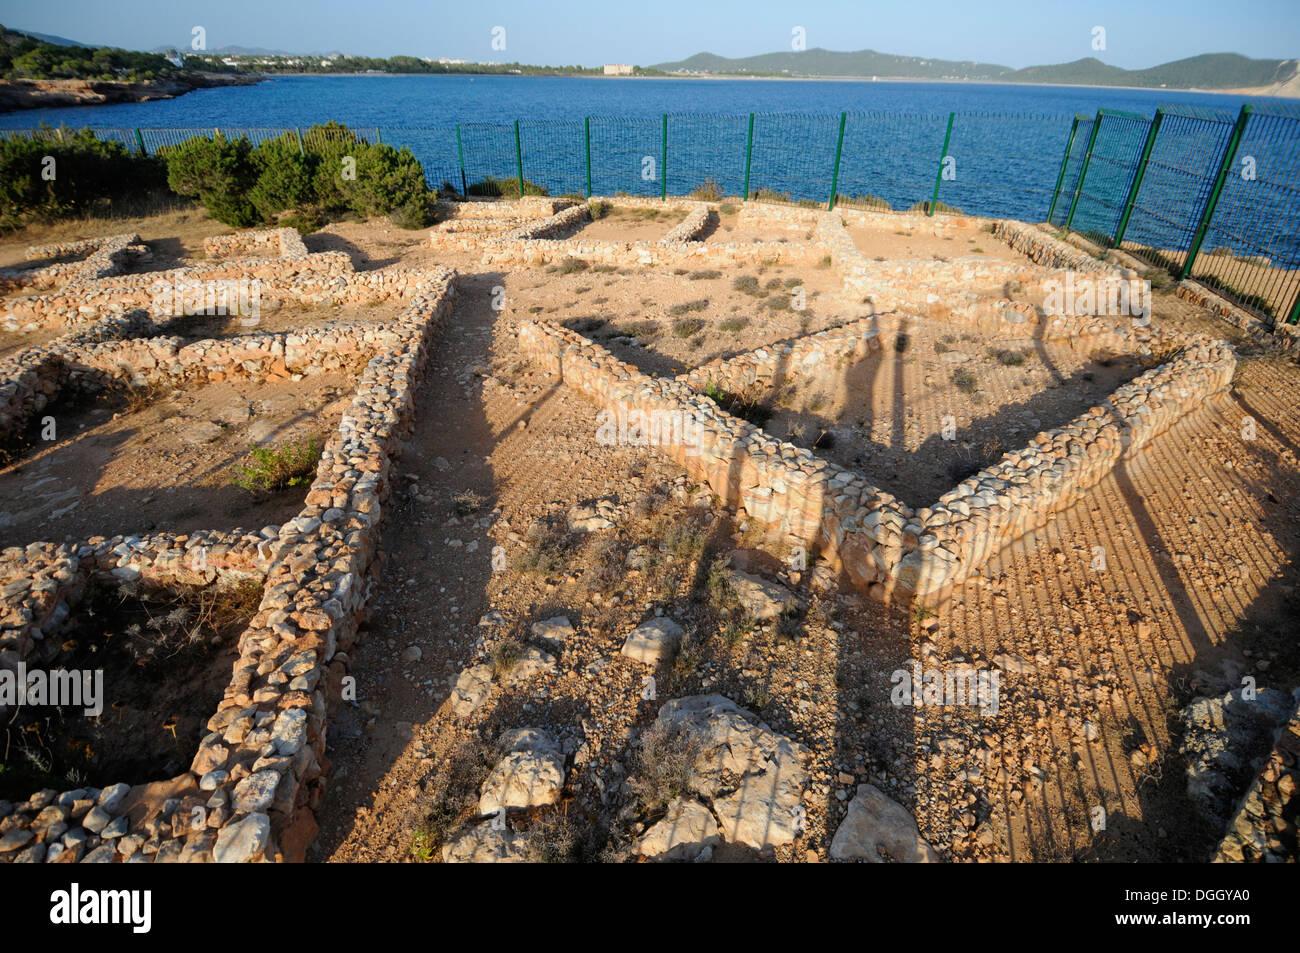 Poblado Fenicio de Sa Caleta, Ibiza, Spain - Stock Image